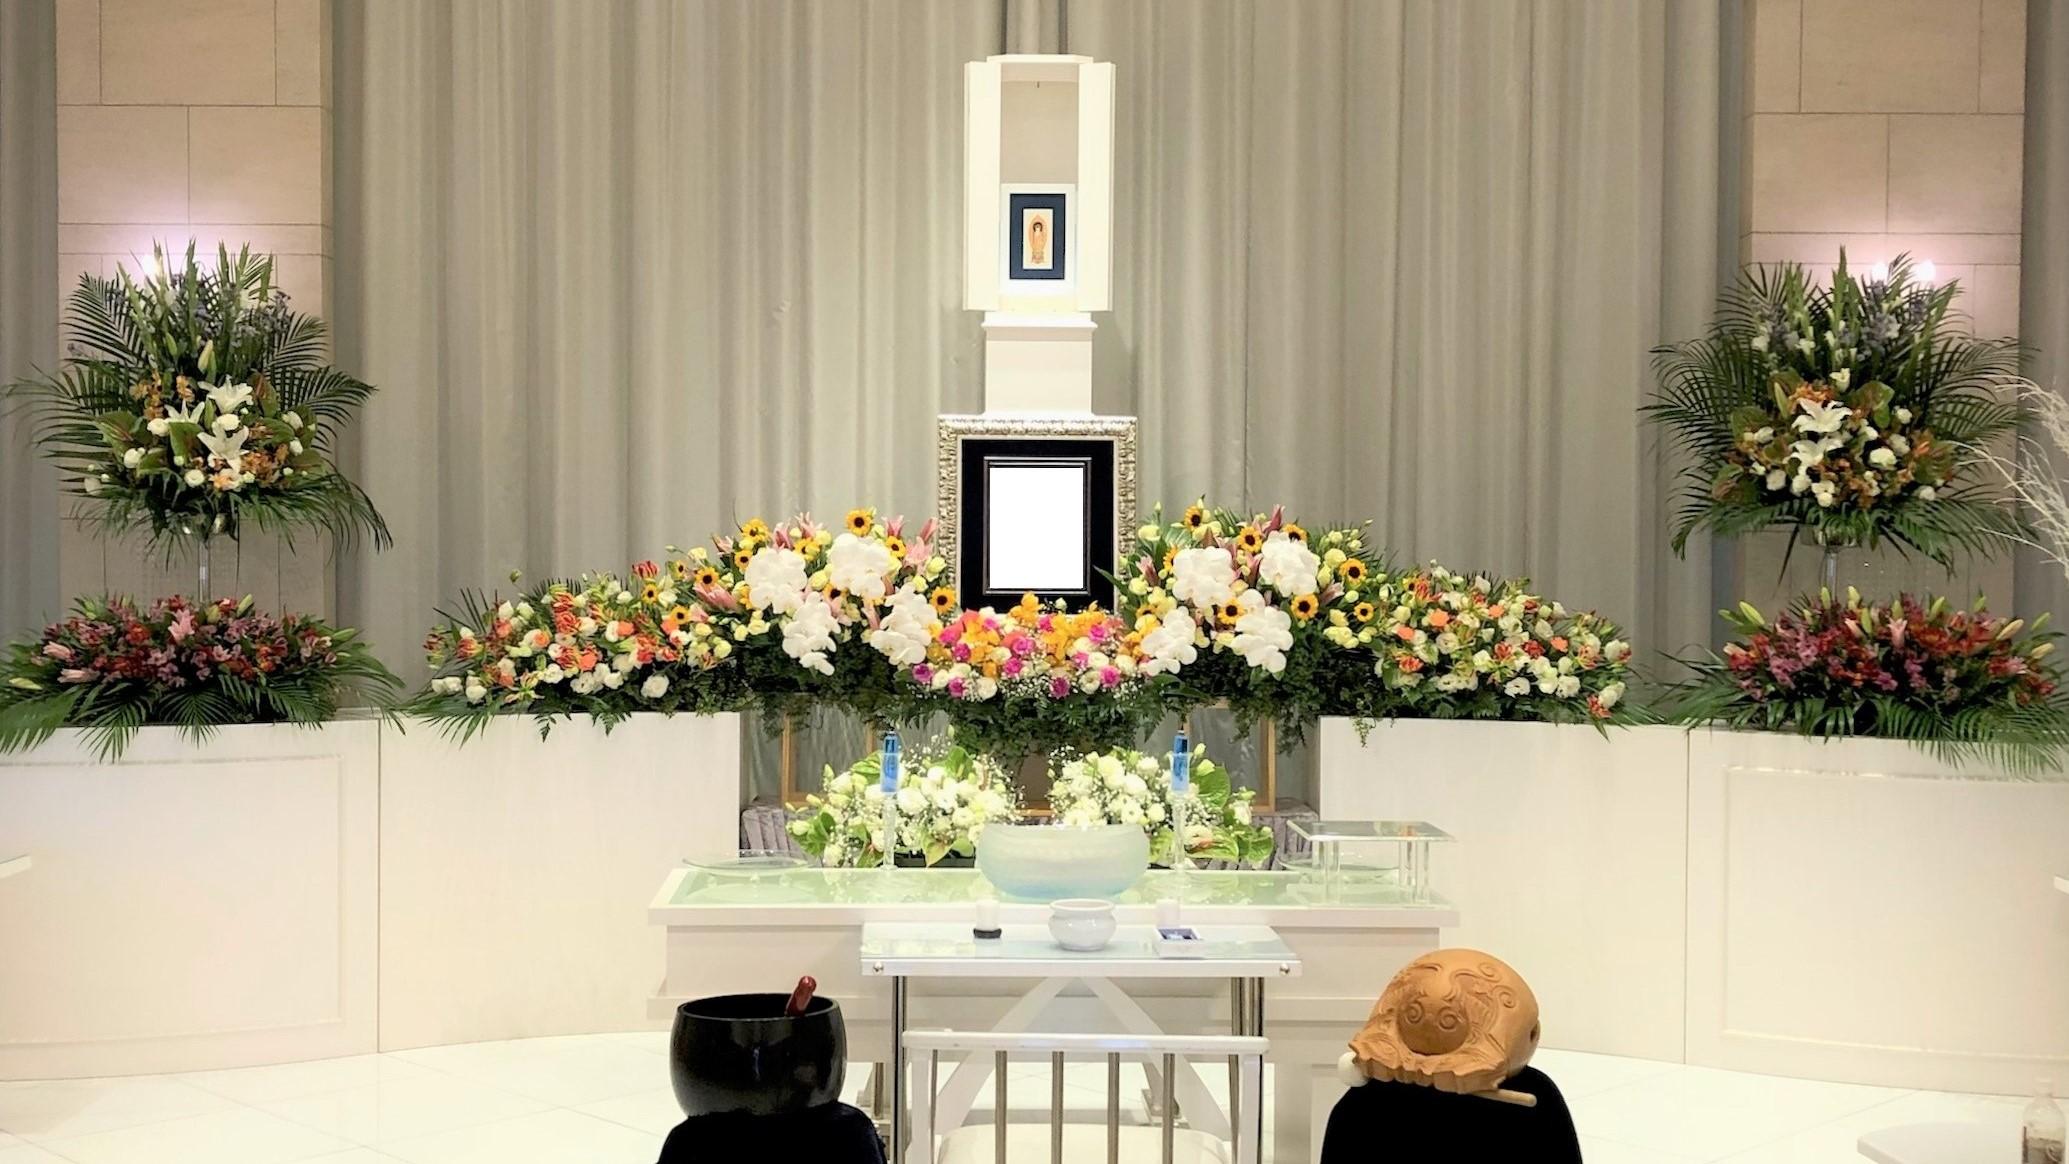 胡蝶蘭をアクセントにした華やかな家族葬祭壇